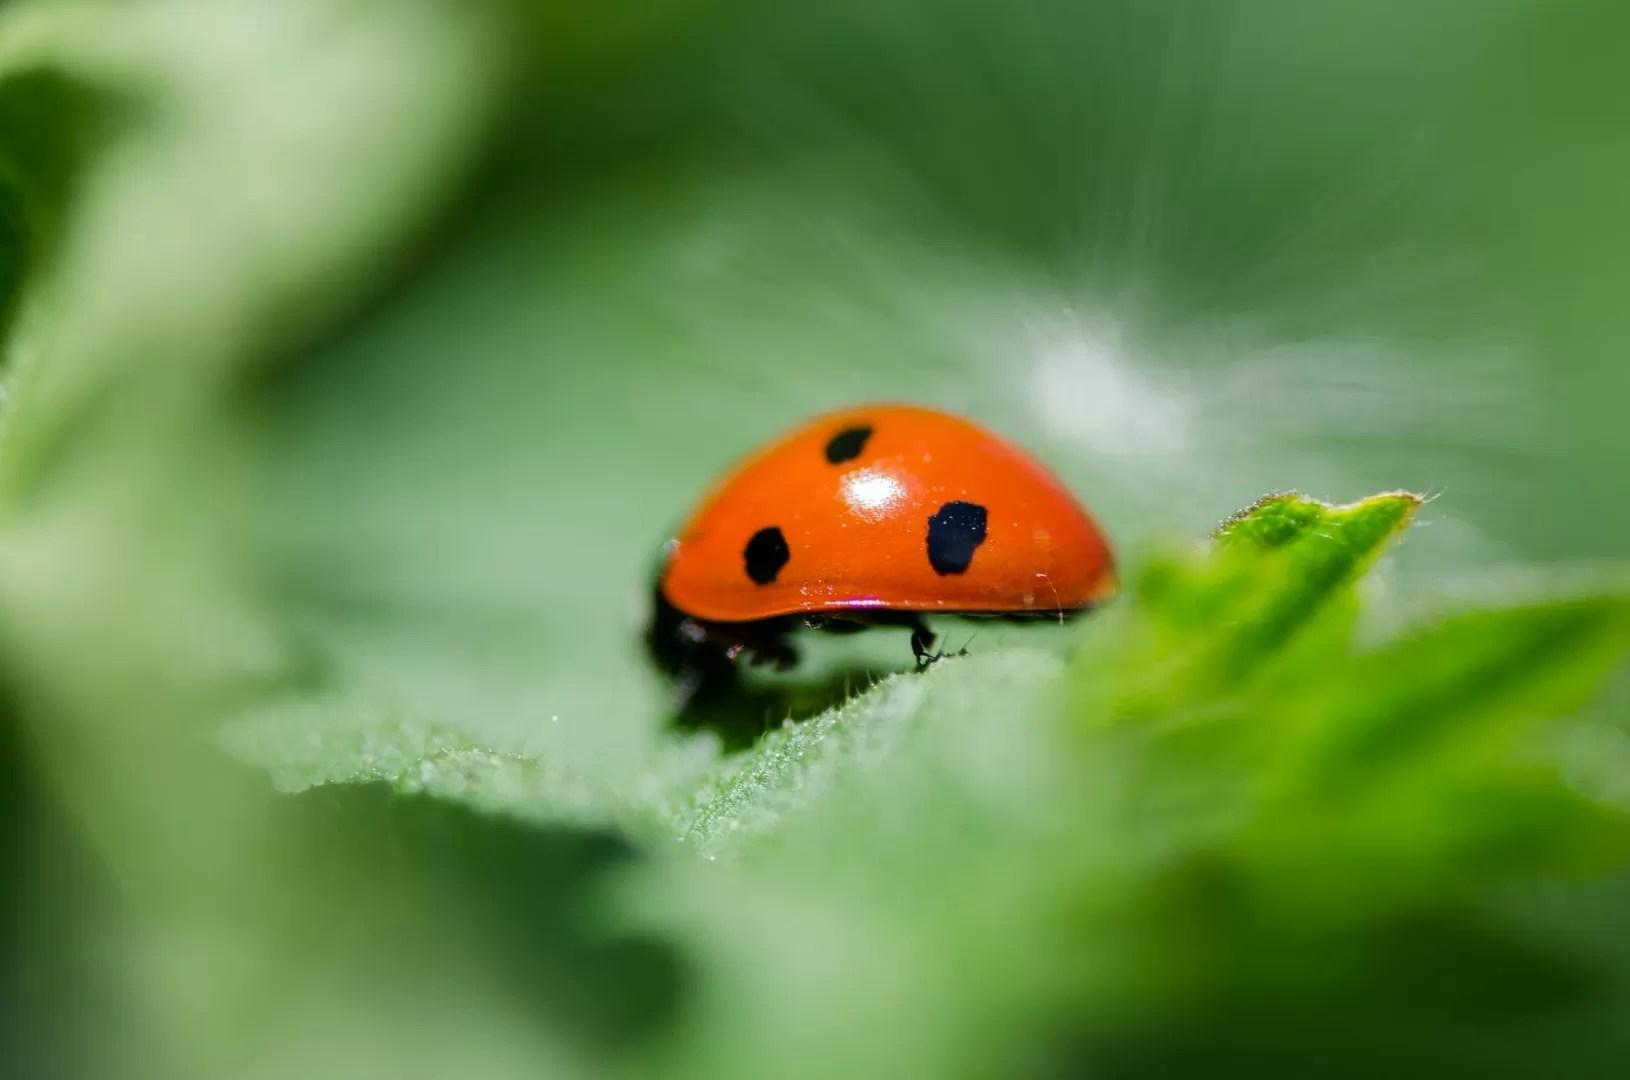 ladybug in shallow photo